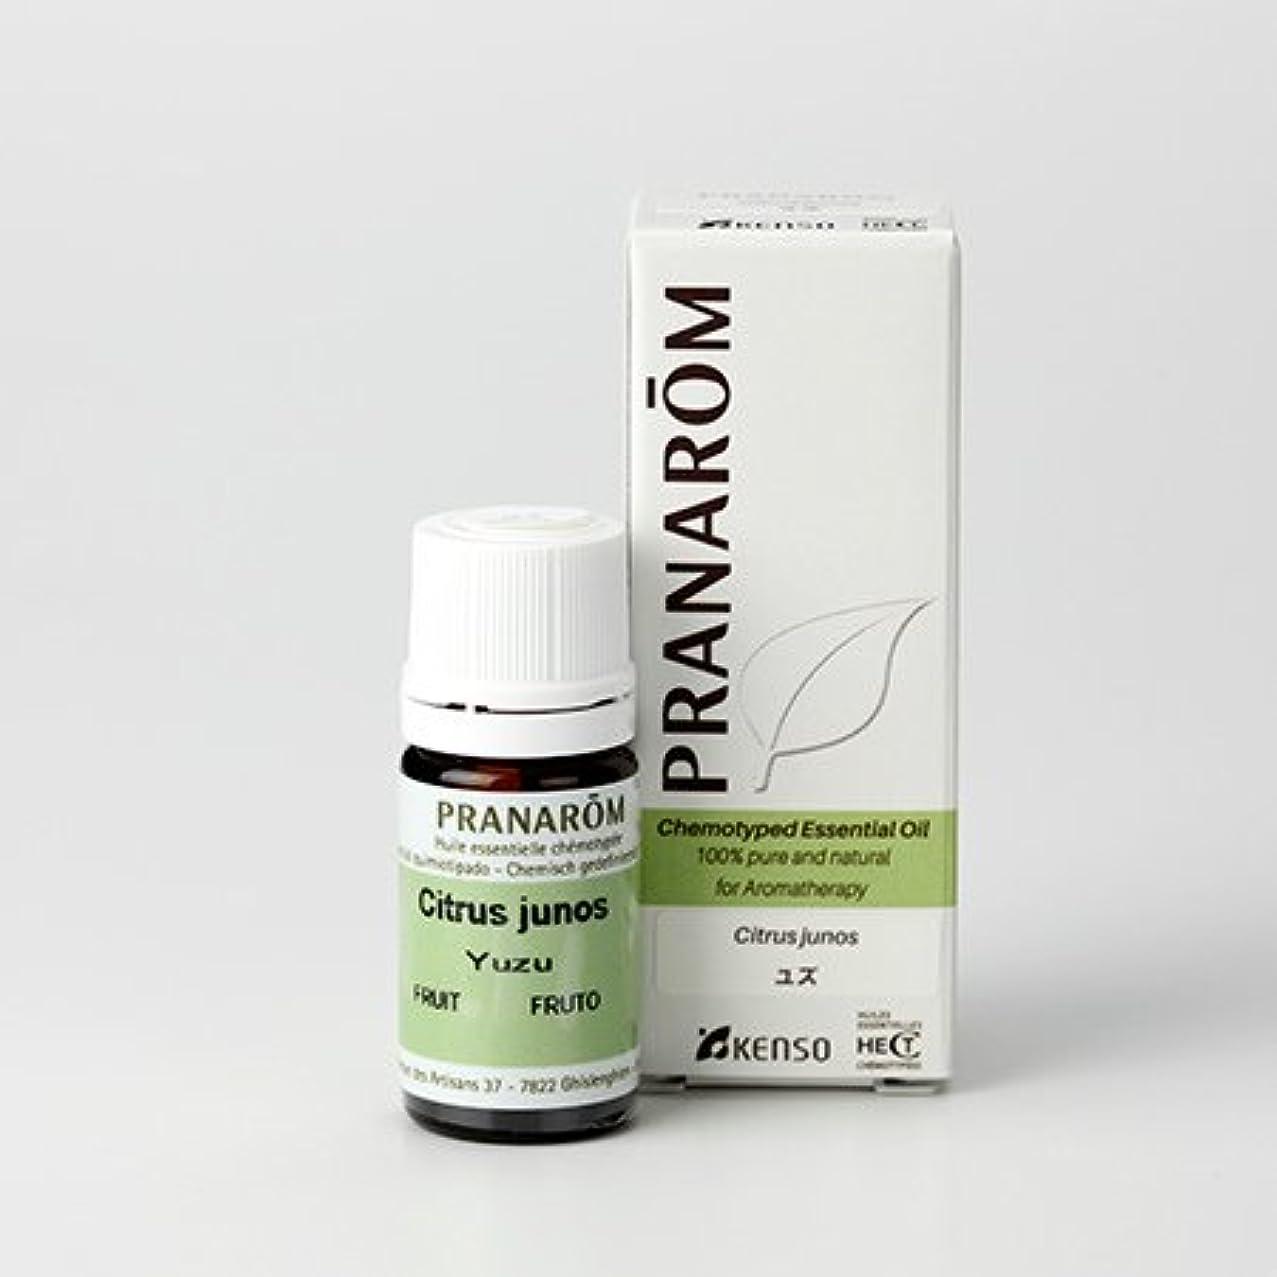 発症住所表面的なプラナロム ユズ 5ml (PRANAROM ケモタイプ精油)